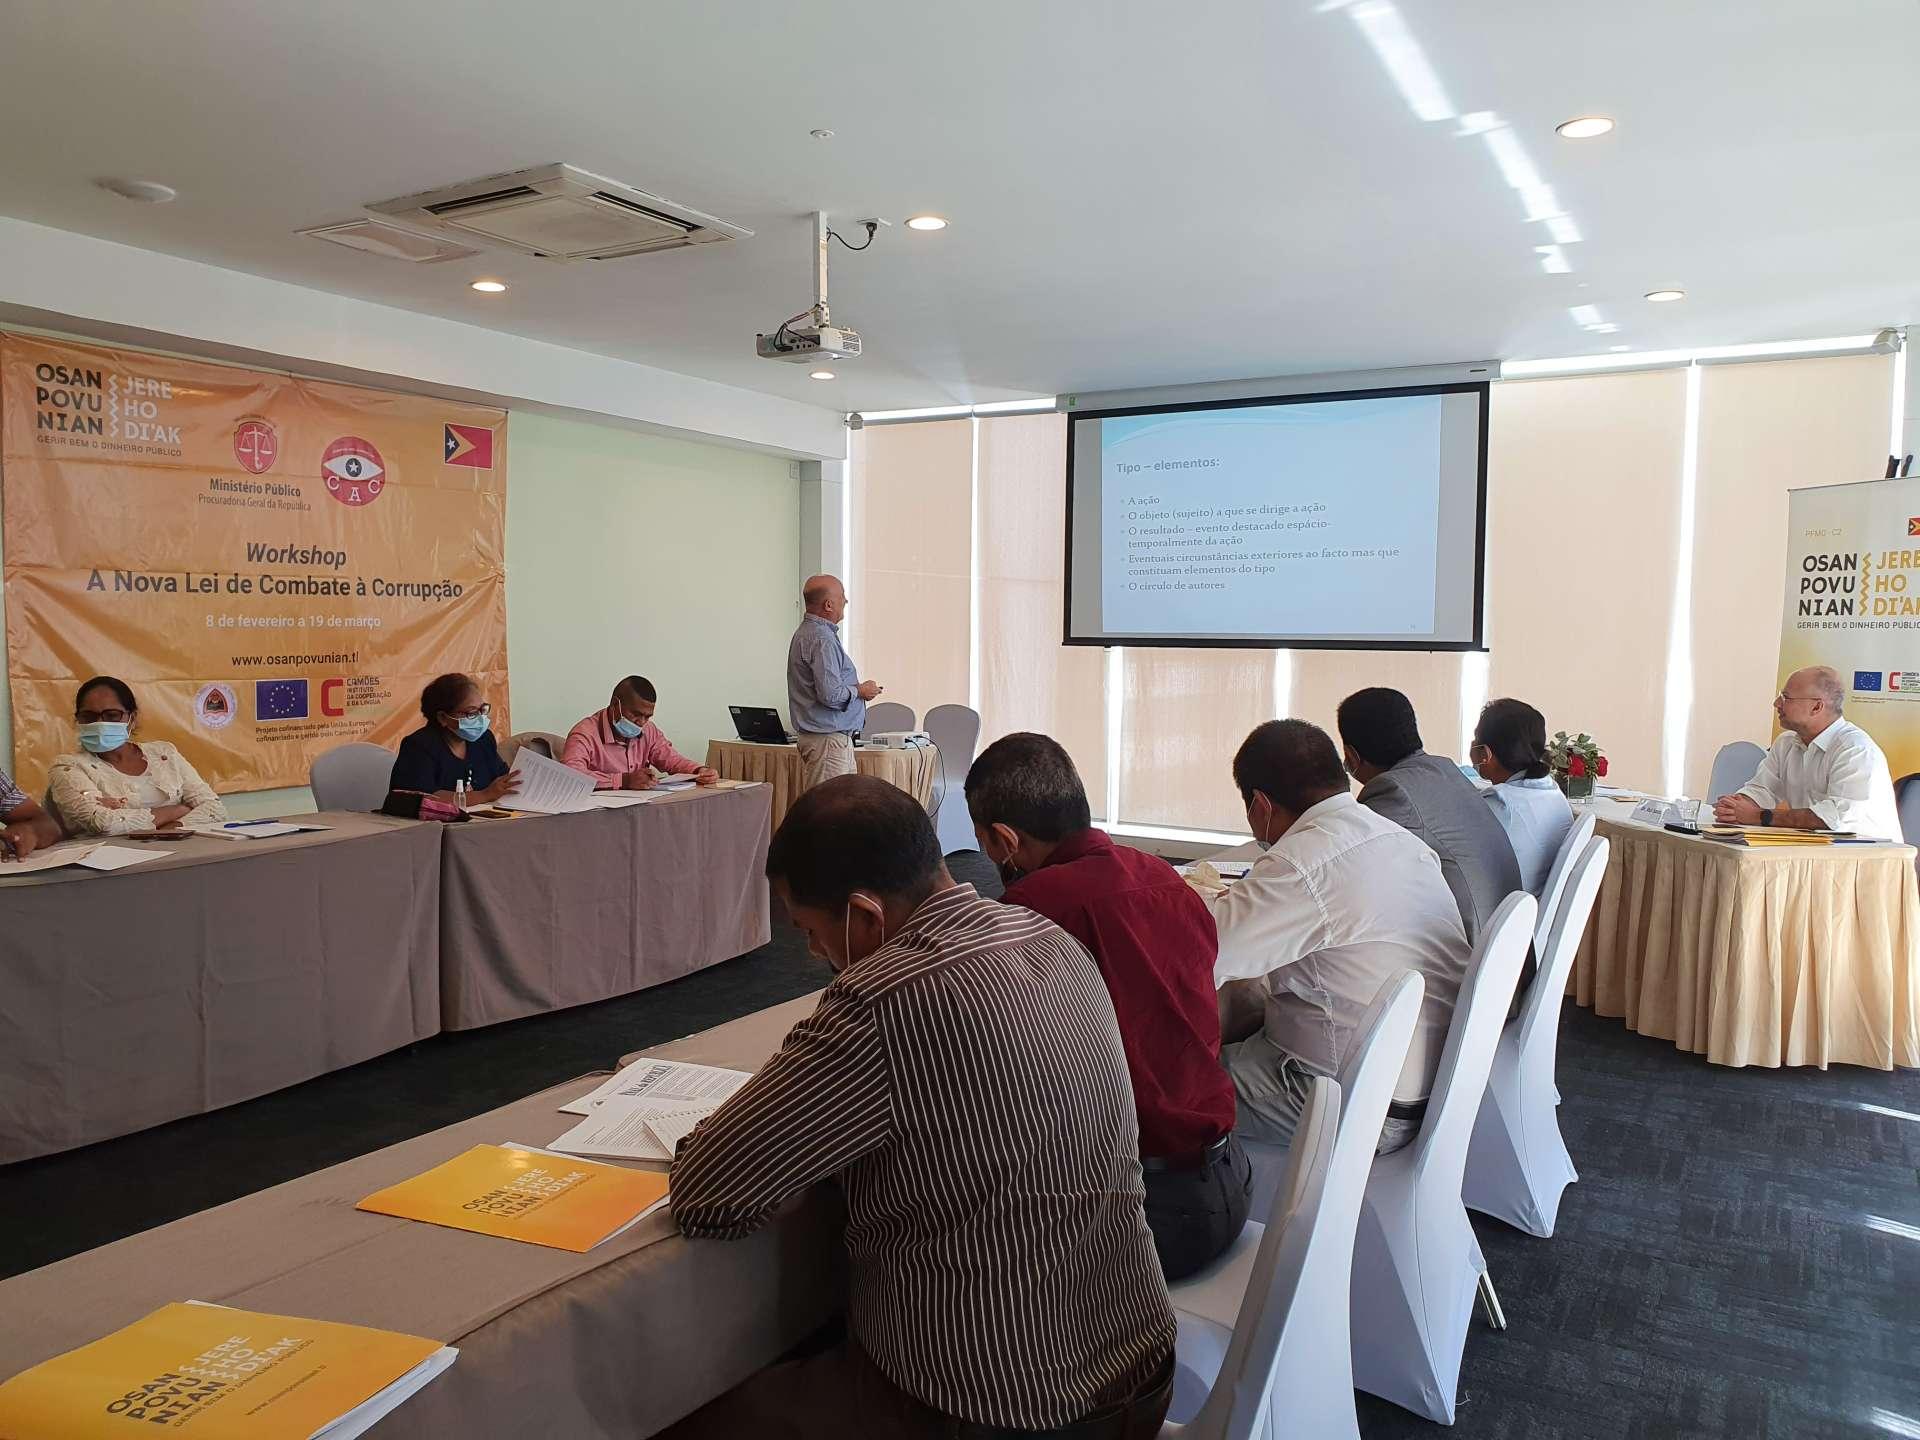 """PFMO """"OSAN POVU NIAN, JERE HO DI'AK"""" realiza Workshop sobre """"A Nova Lei de Combate à Corrupção"""" para os magistrados do Ministério Público e os investigadores da Comissão Anticorrupção"""